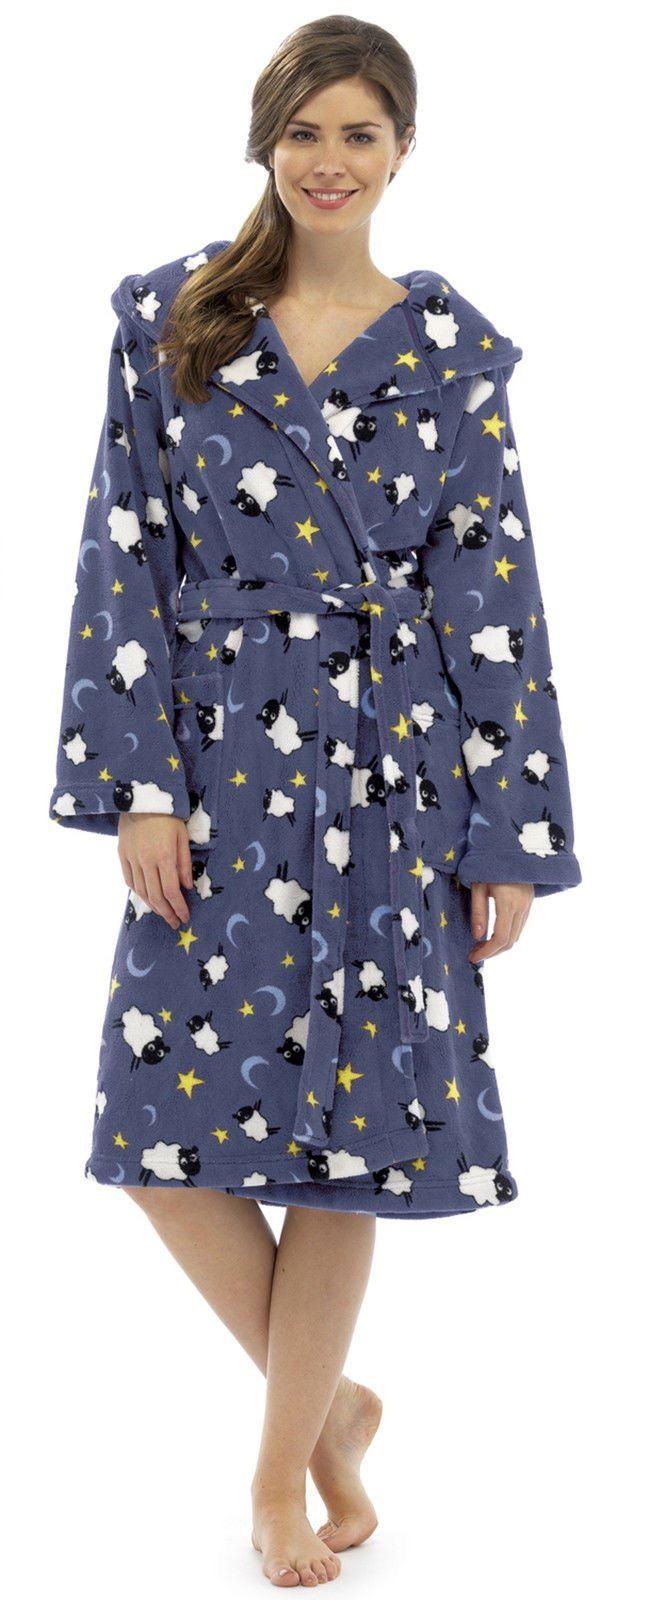 Robe de chambre femme polaire capuche peignoir animal - Robe de chambre femme polaire avec capuche ...